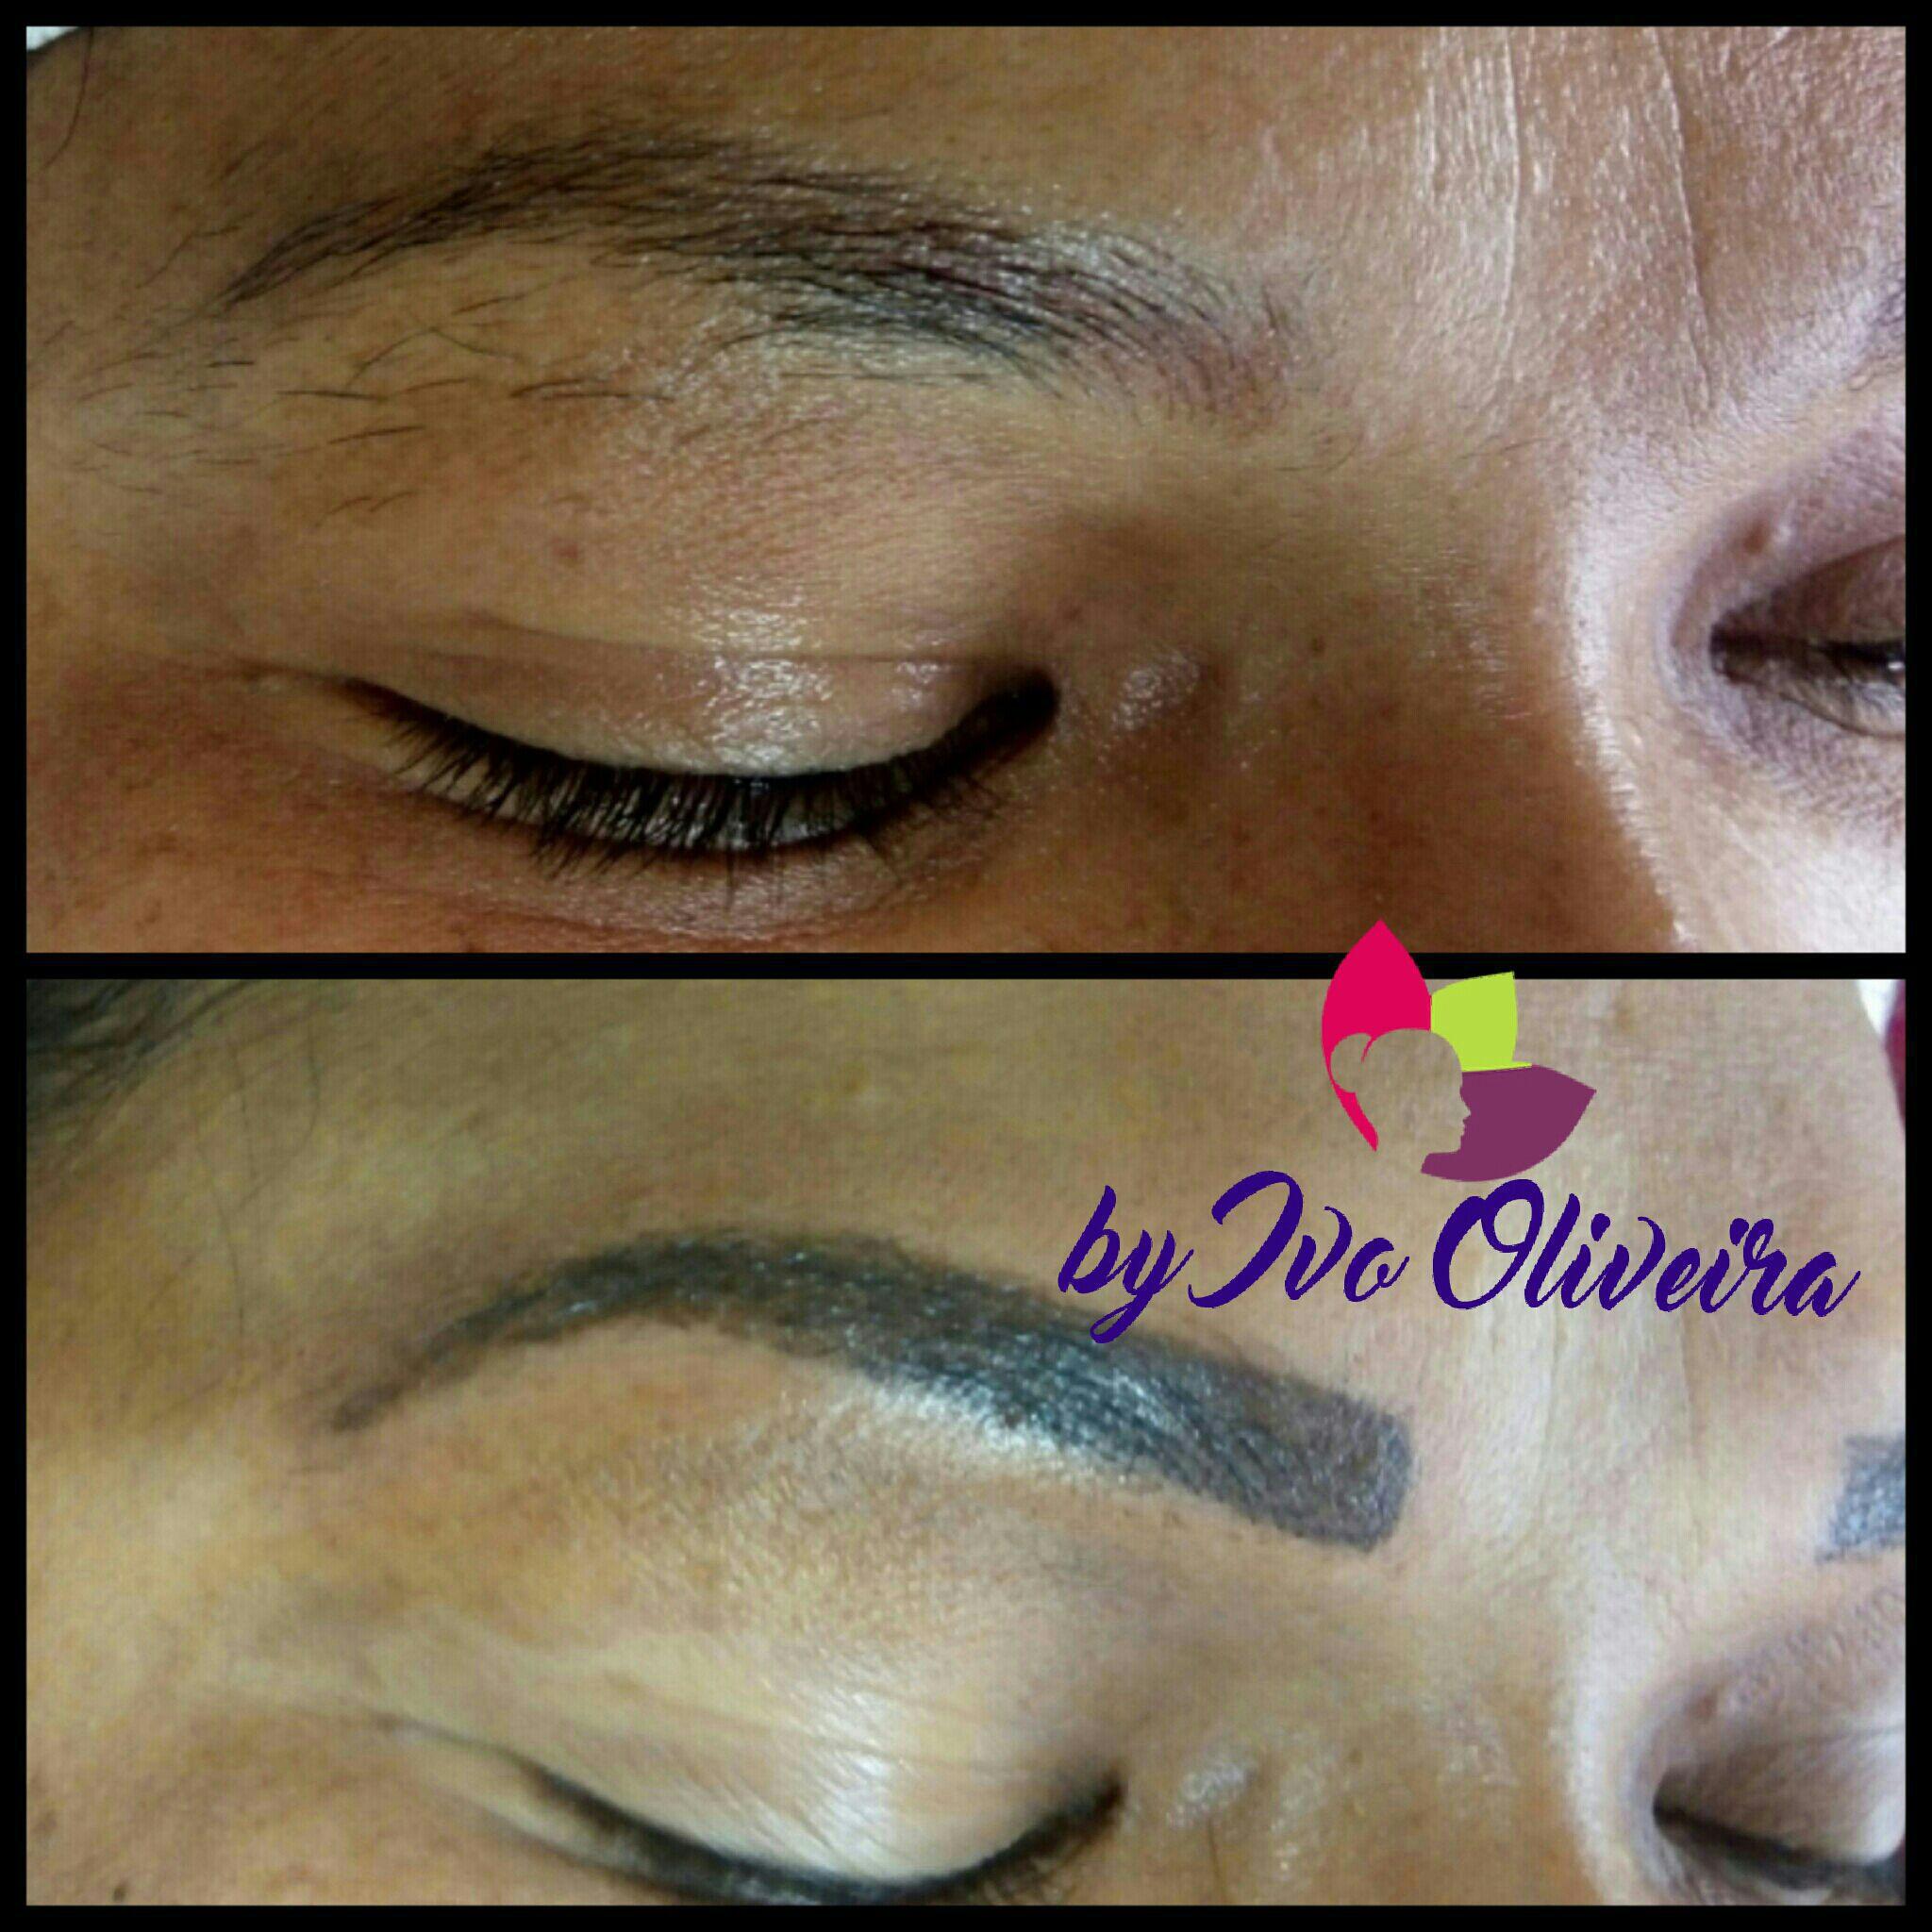 Sobrancelha esfumada estética cabeleireiro(a) escovista dermopigmentador(a) designer de sobrancelhas maquiador(a) micropigmentador(a)